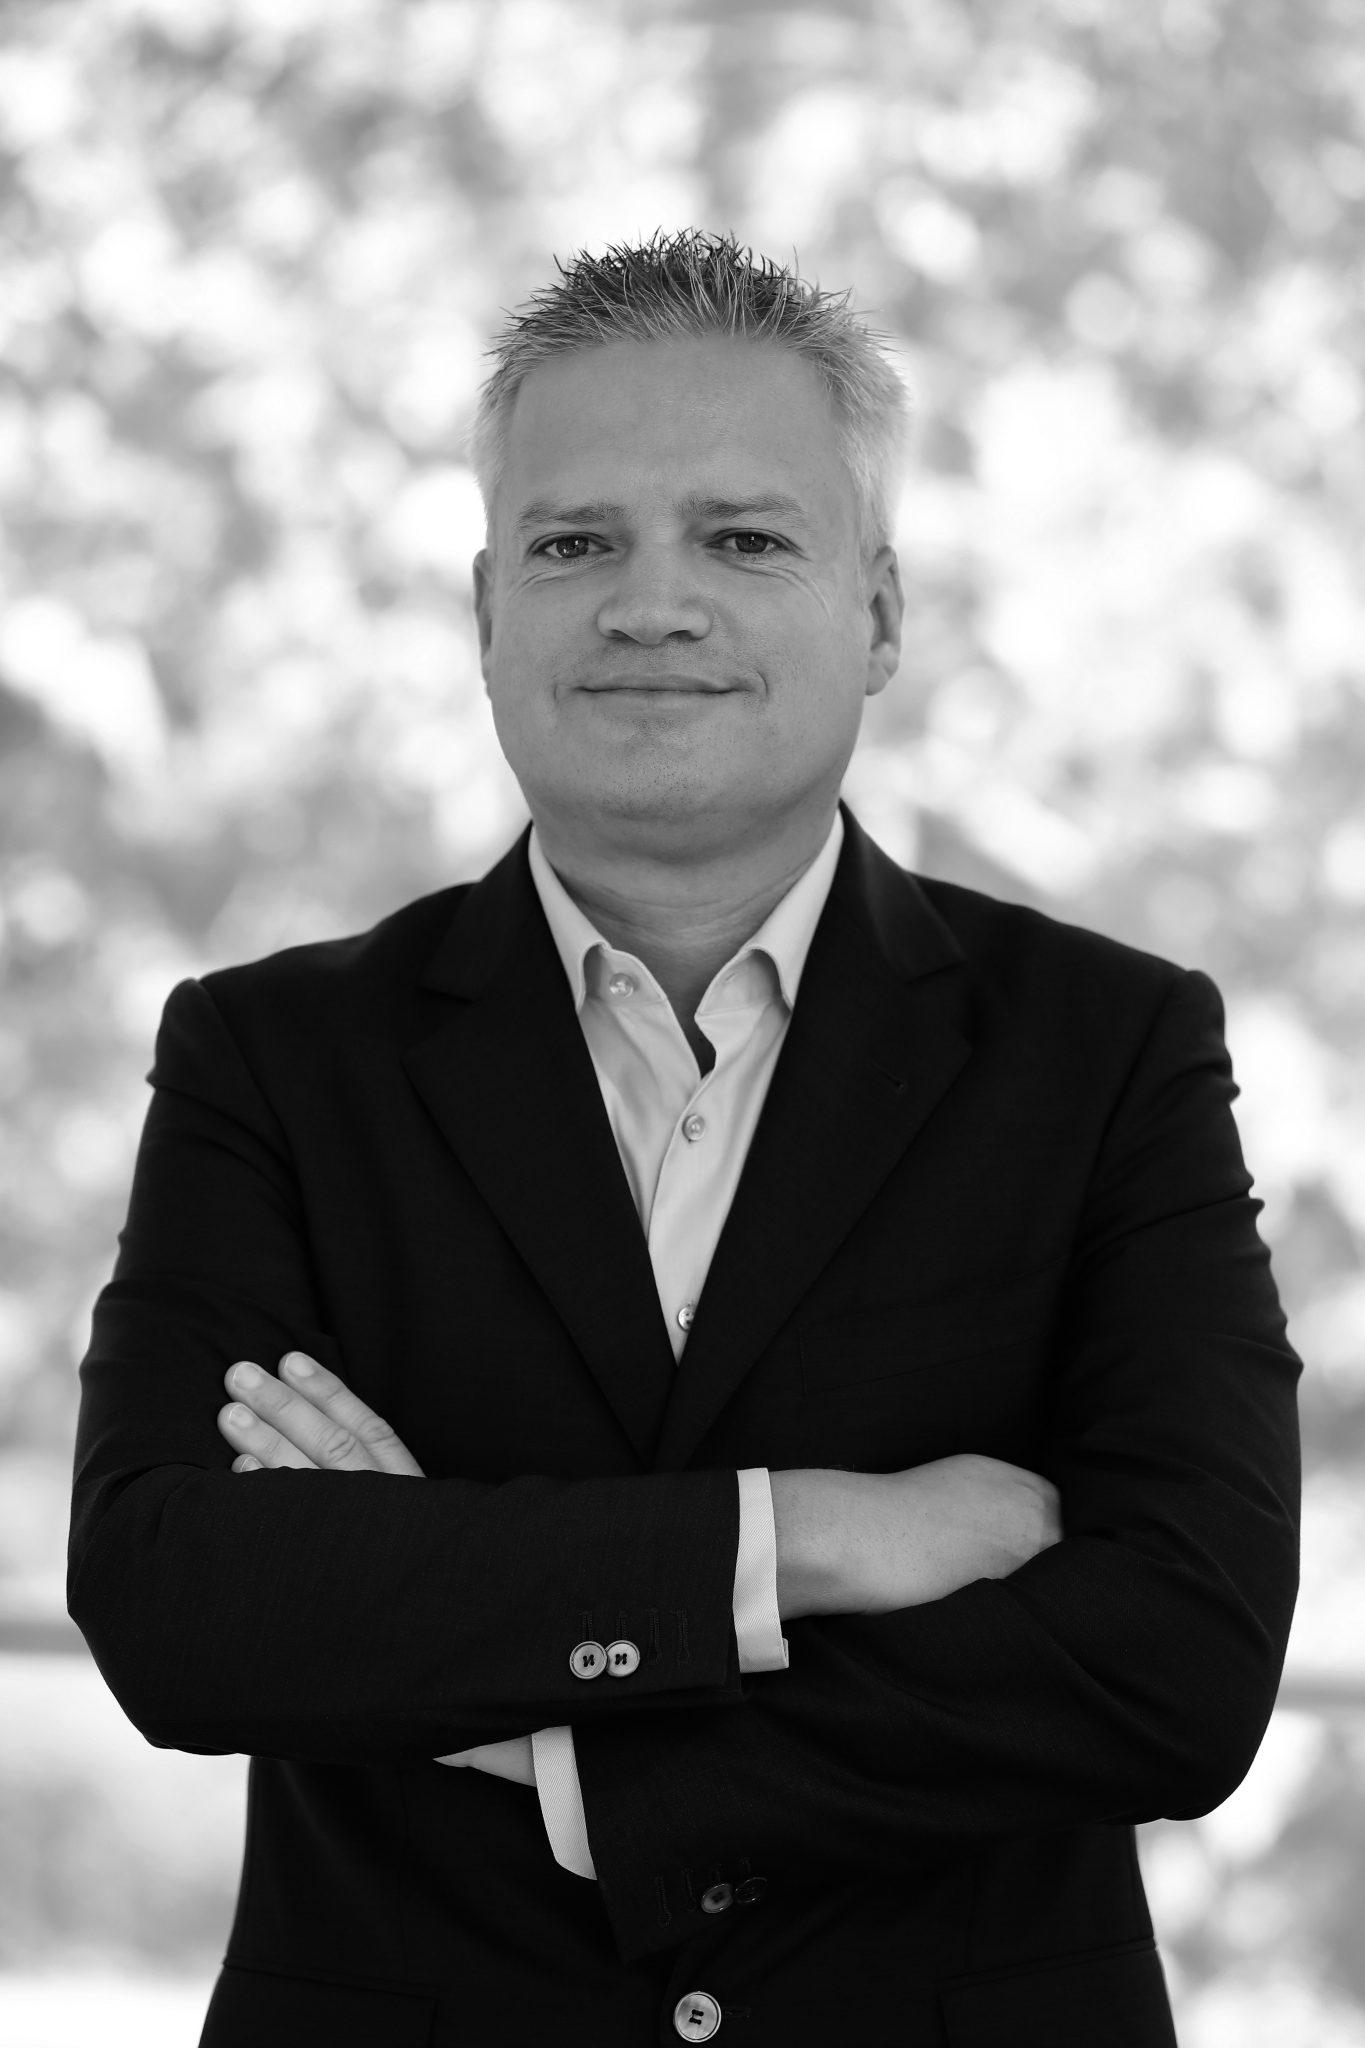 Valentín Lumbreras, CEO de Aldi España